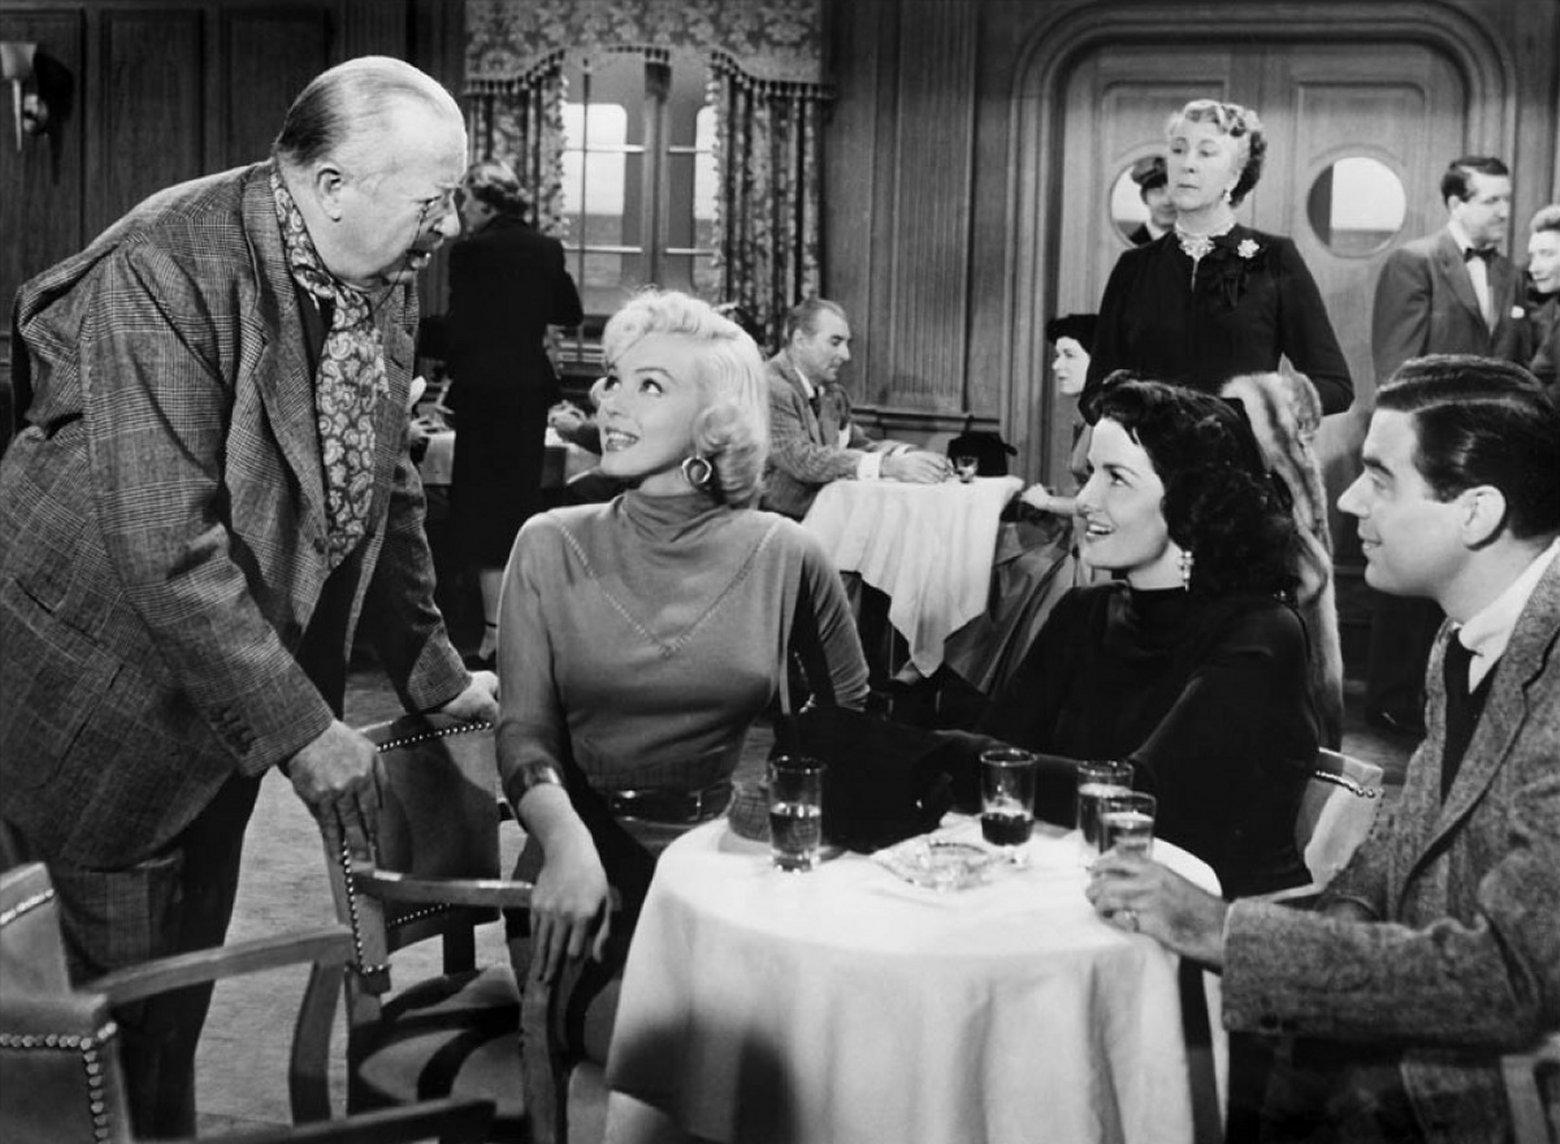 Marilyn Monroe (L to R foreground) Charles Coburn, Marilyn Monroe, Jane Russell, Elliott Reid